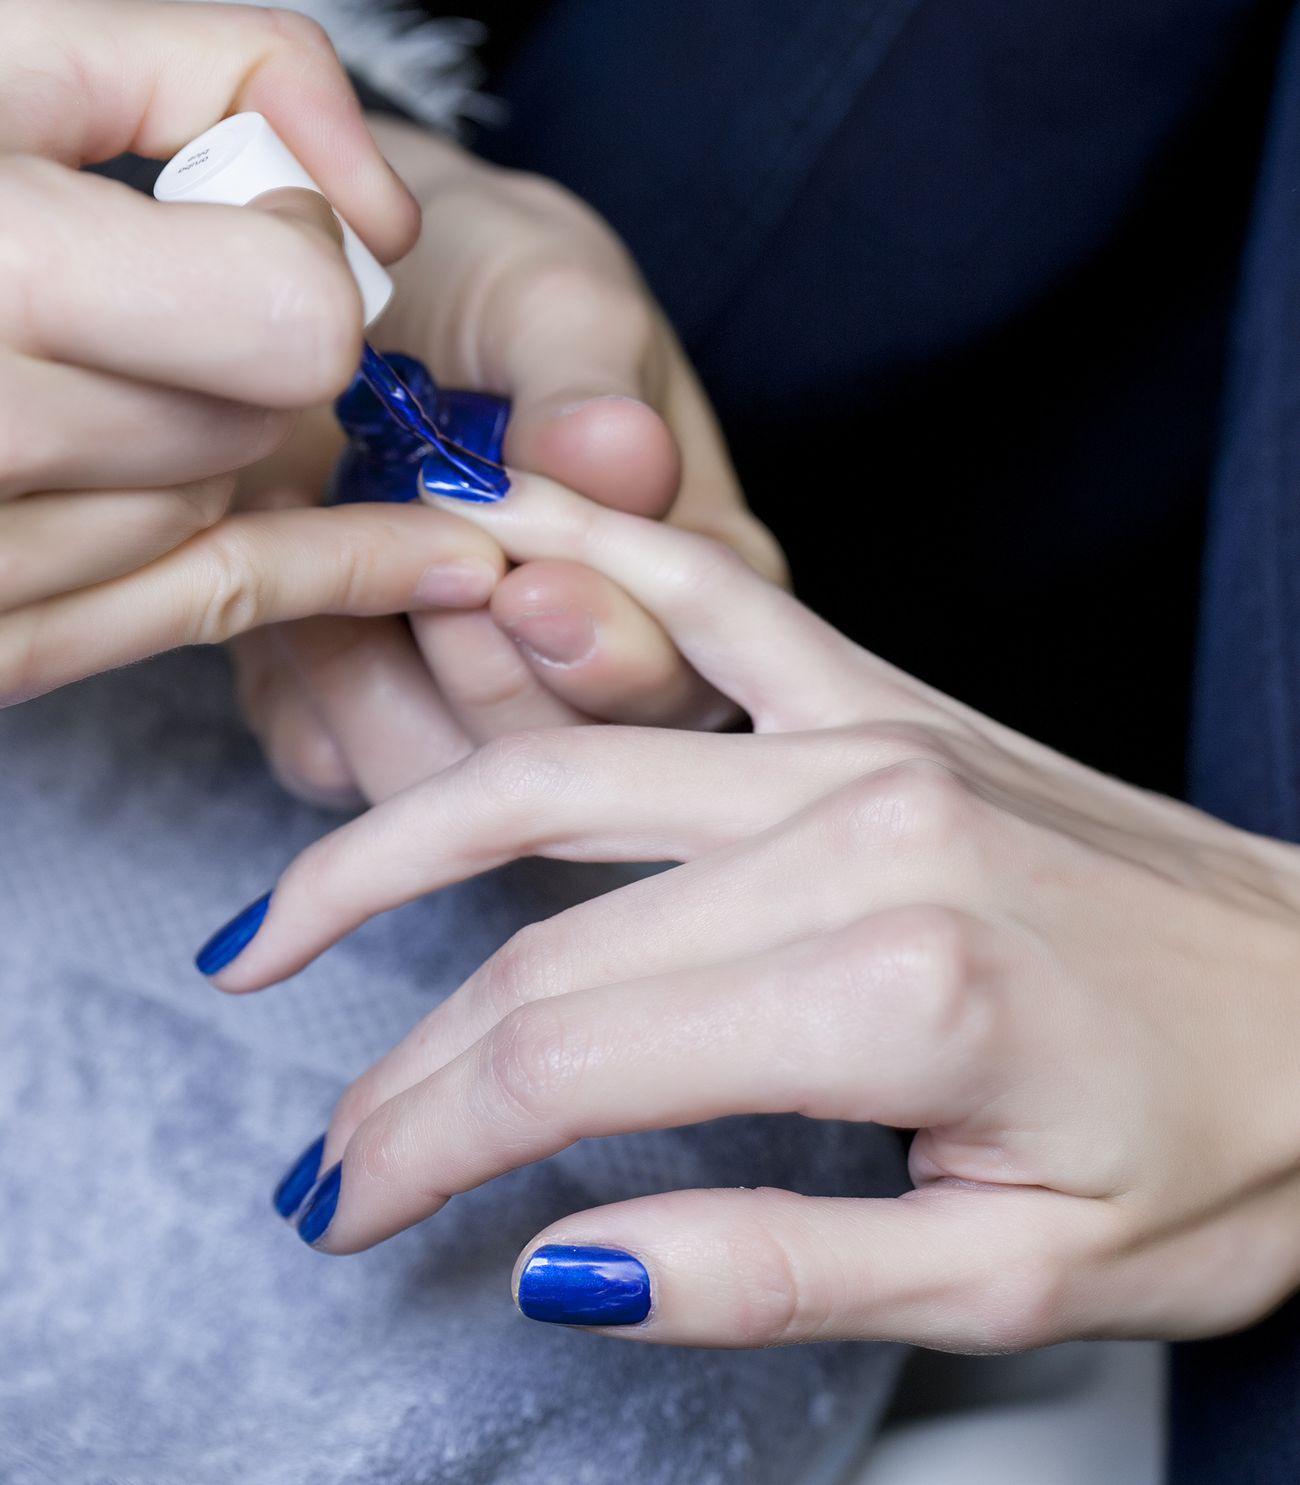 Los 10 mandamientos de una manicura eterna. Noticias de Belleza